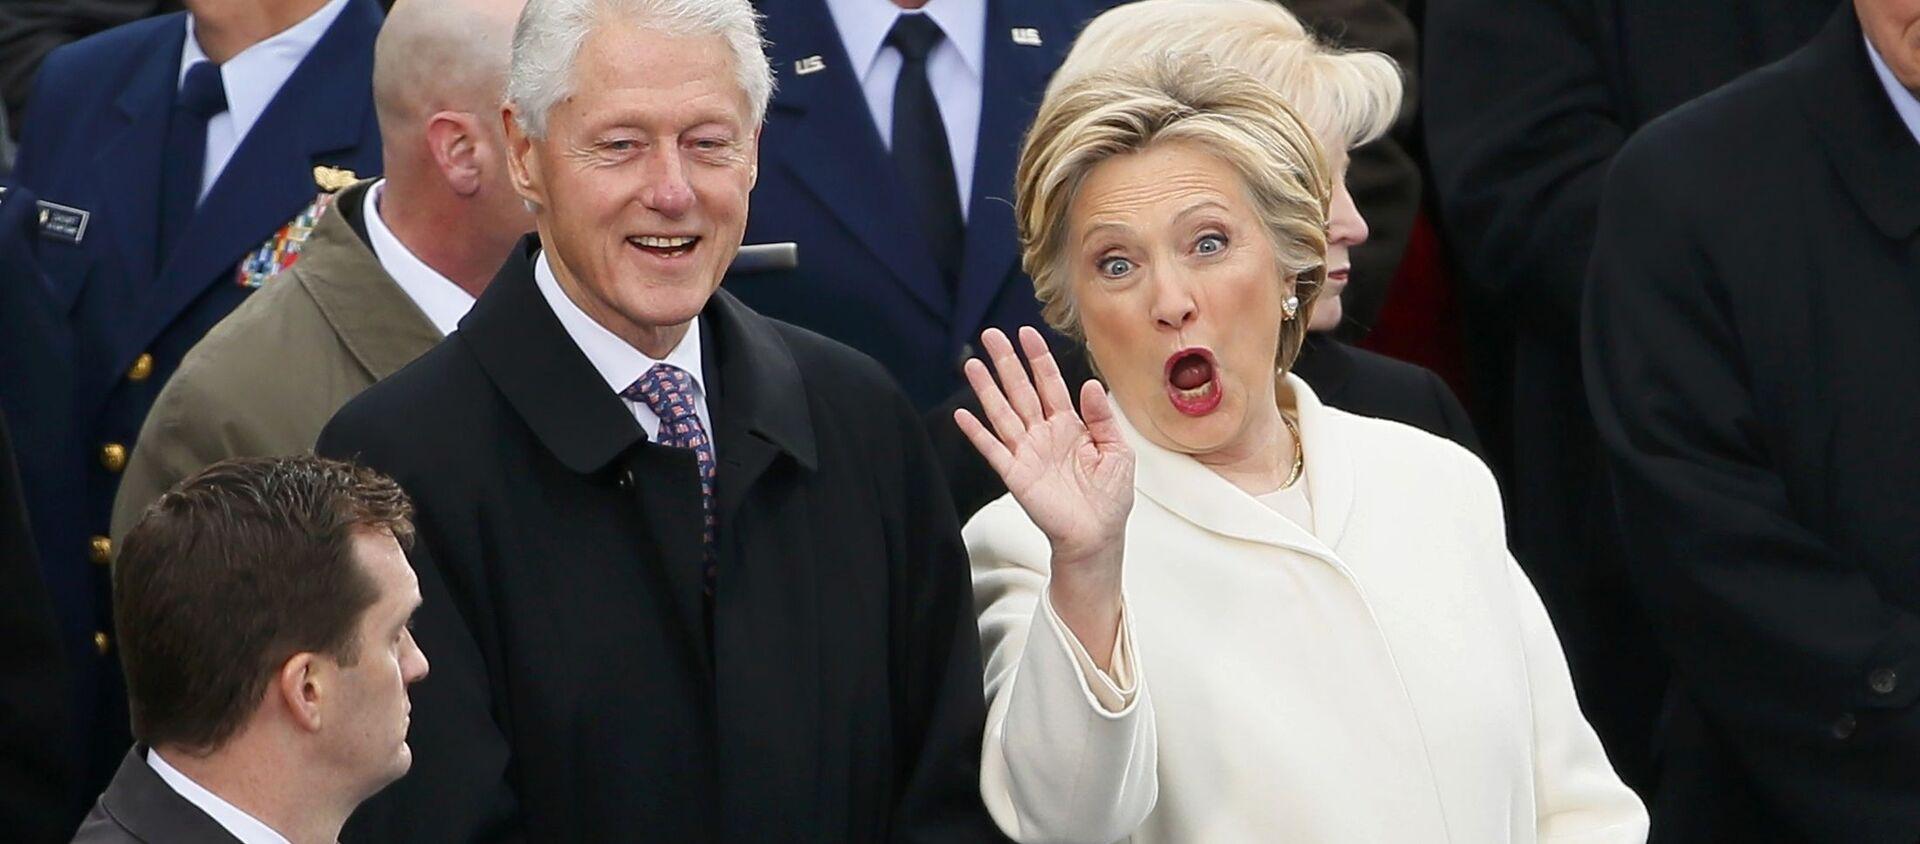 Bill Clinton i Hillary Clinton - Sputnik Polska, 1920, 26.08.2020